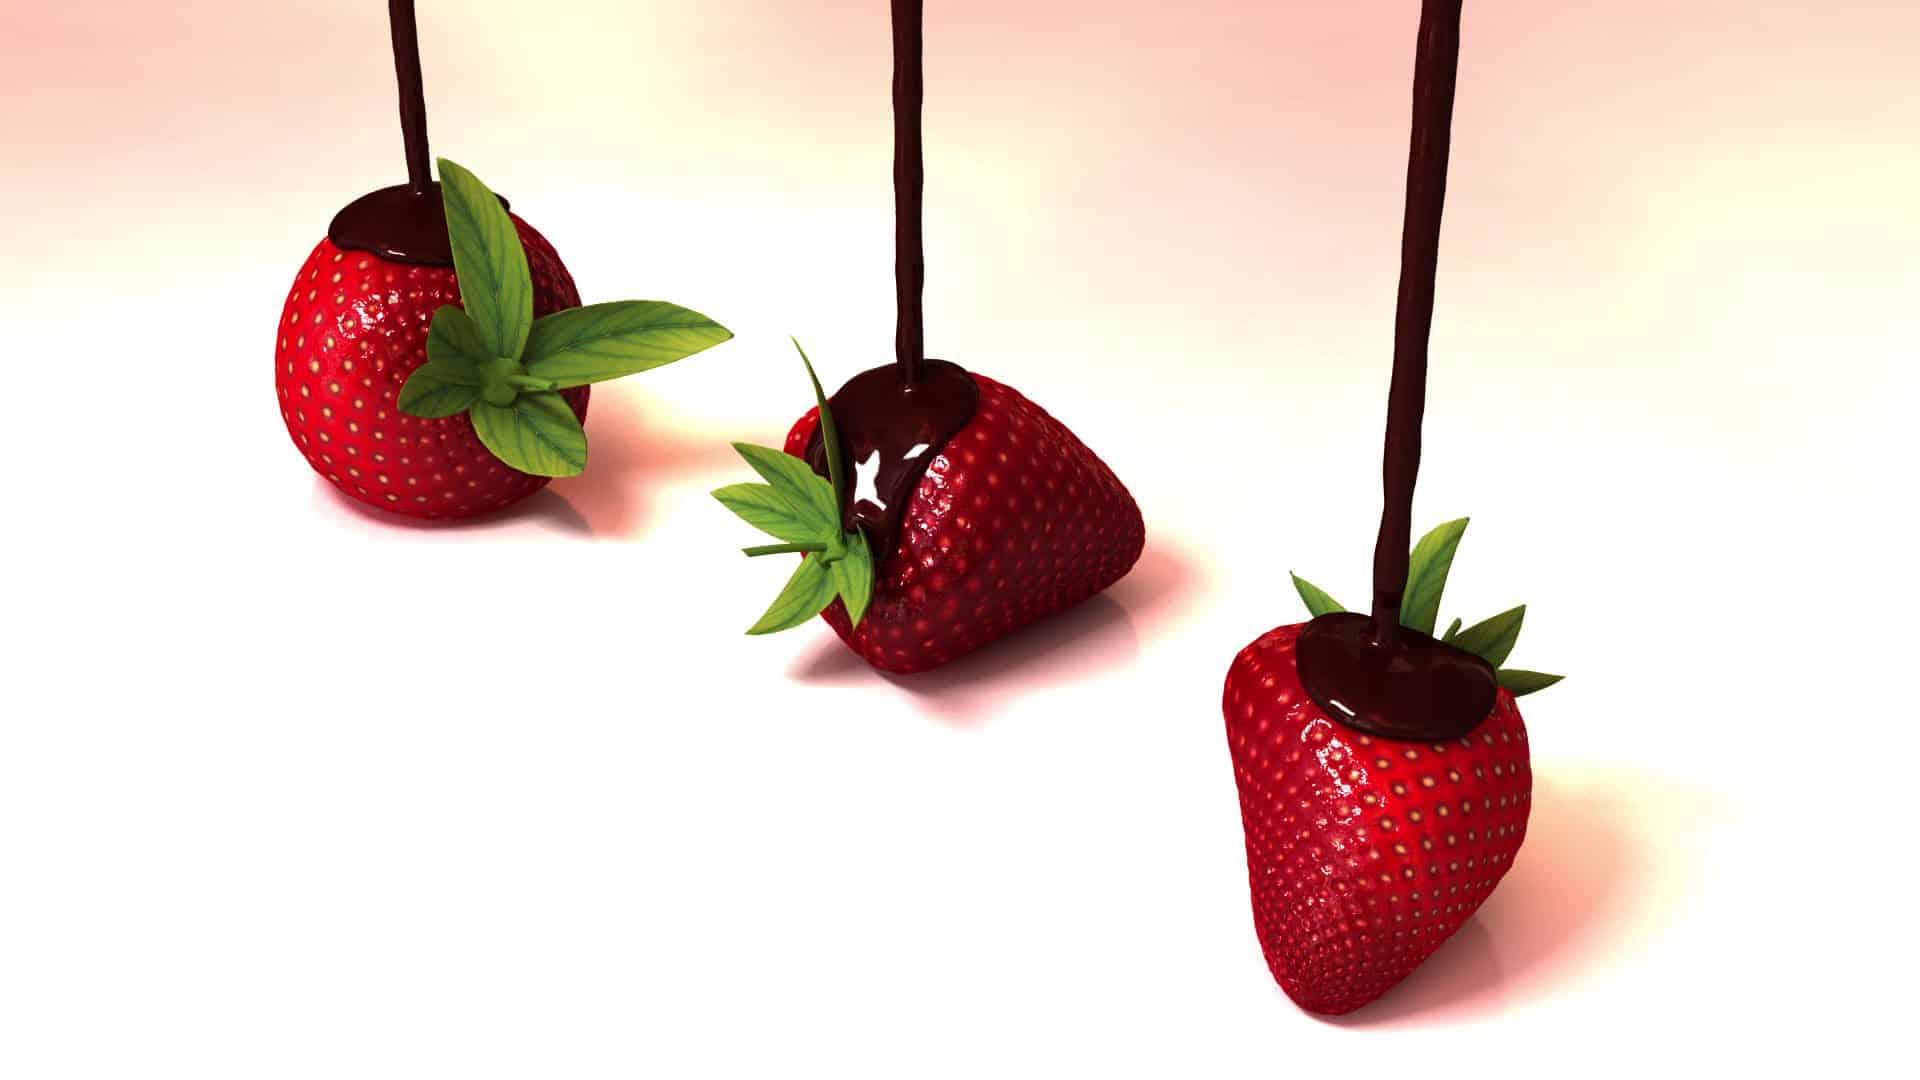 animation fl ssige schokolade mit erdbeeren geminus 3d. Black Bedroom Furniture Sets. Home Design Ideas